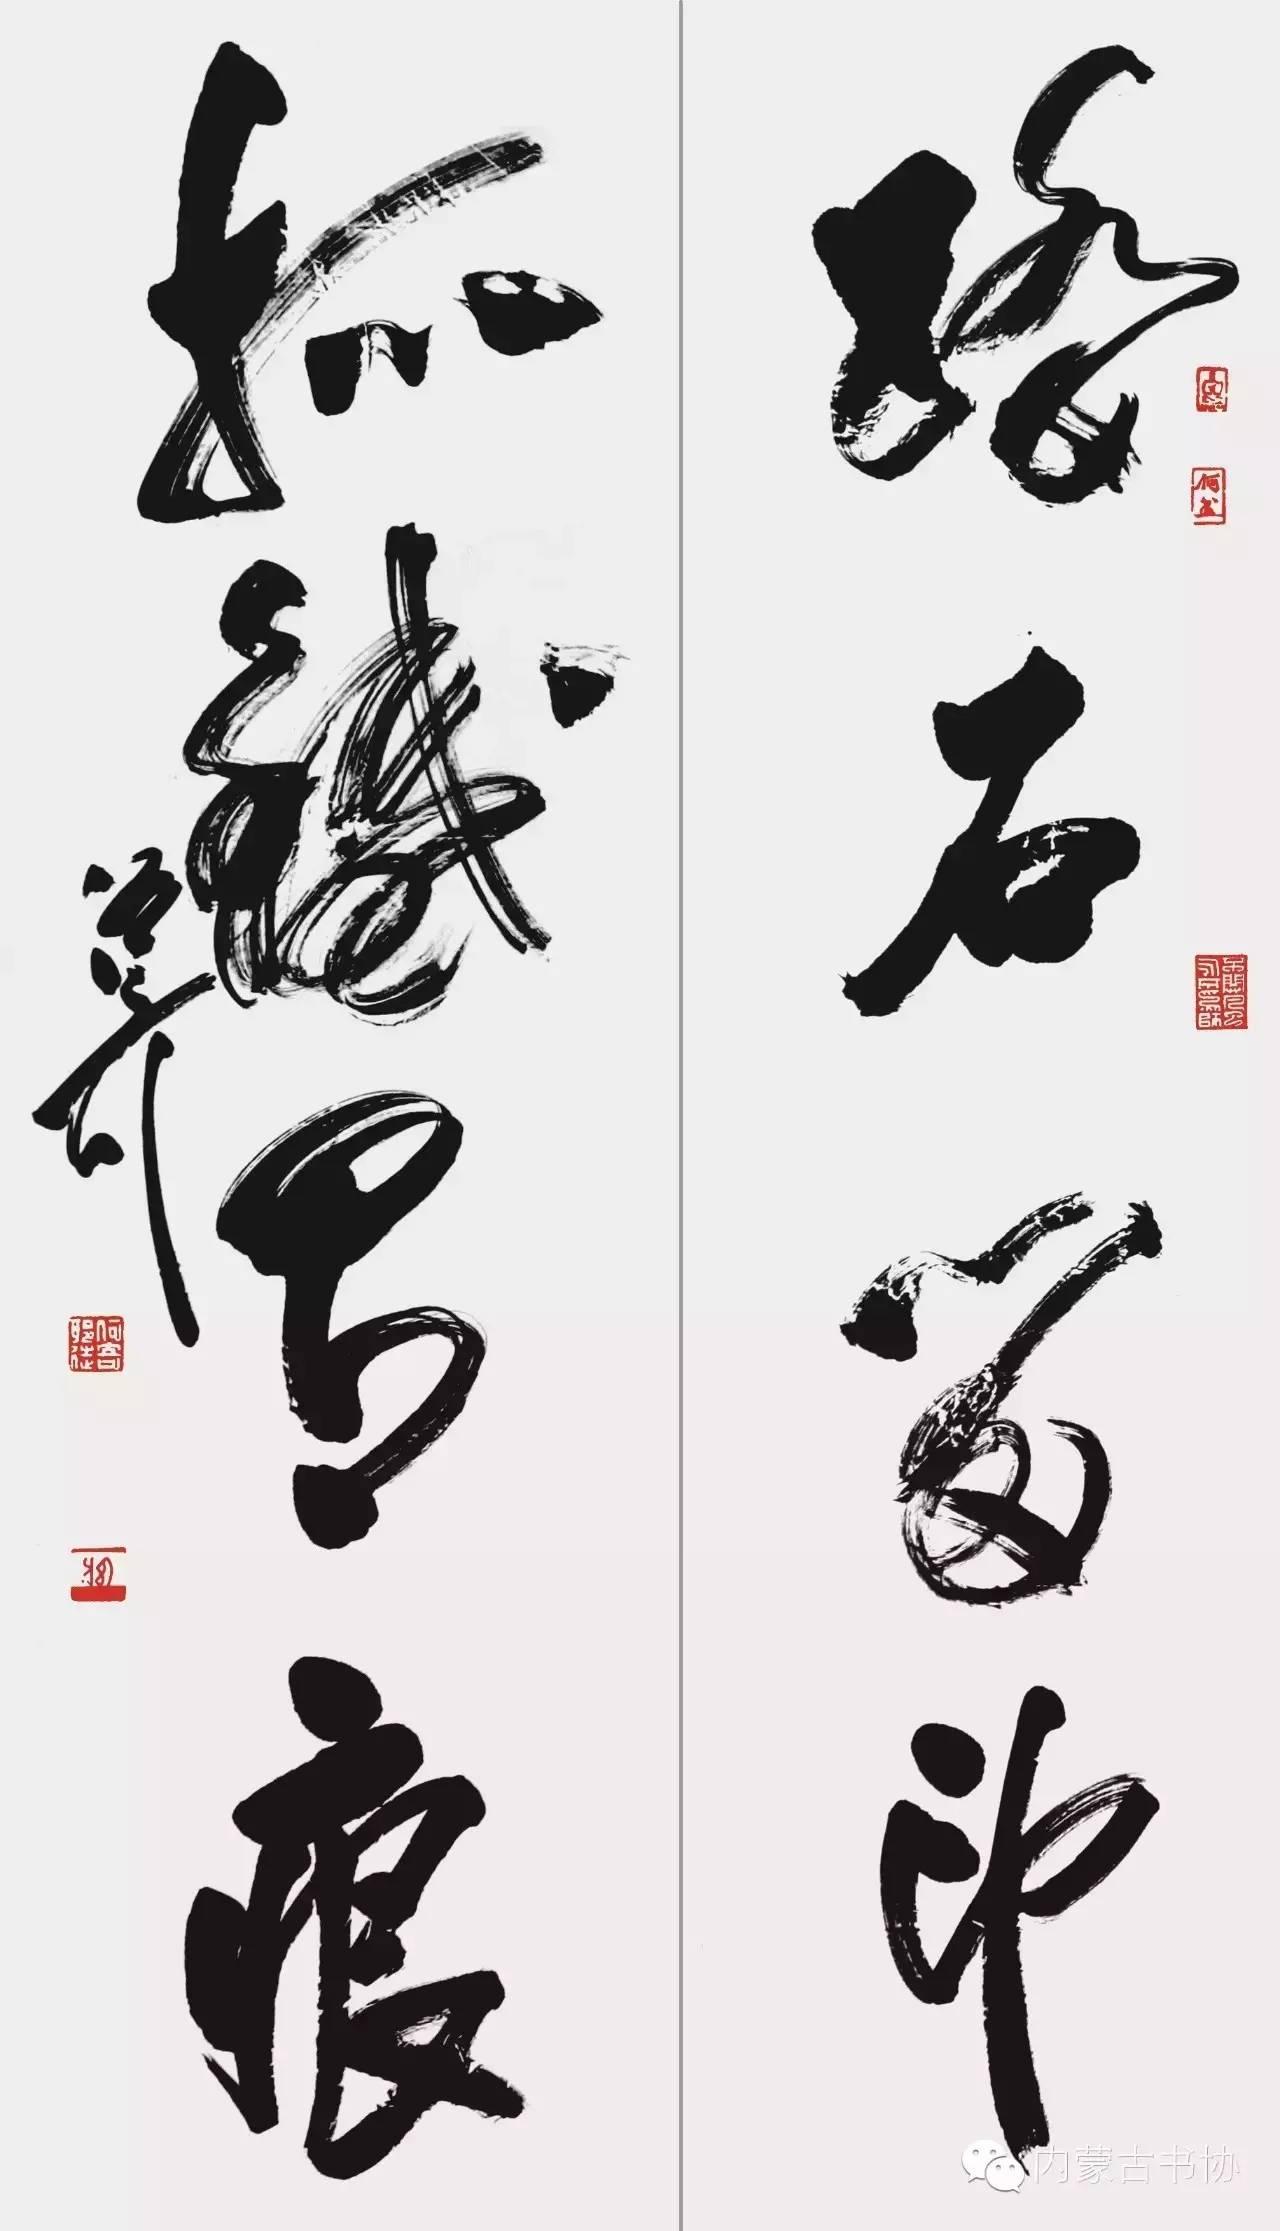 书家风采|内蒙古书法家协会书家推荐系列之何奇耶徒书法艺术赏析